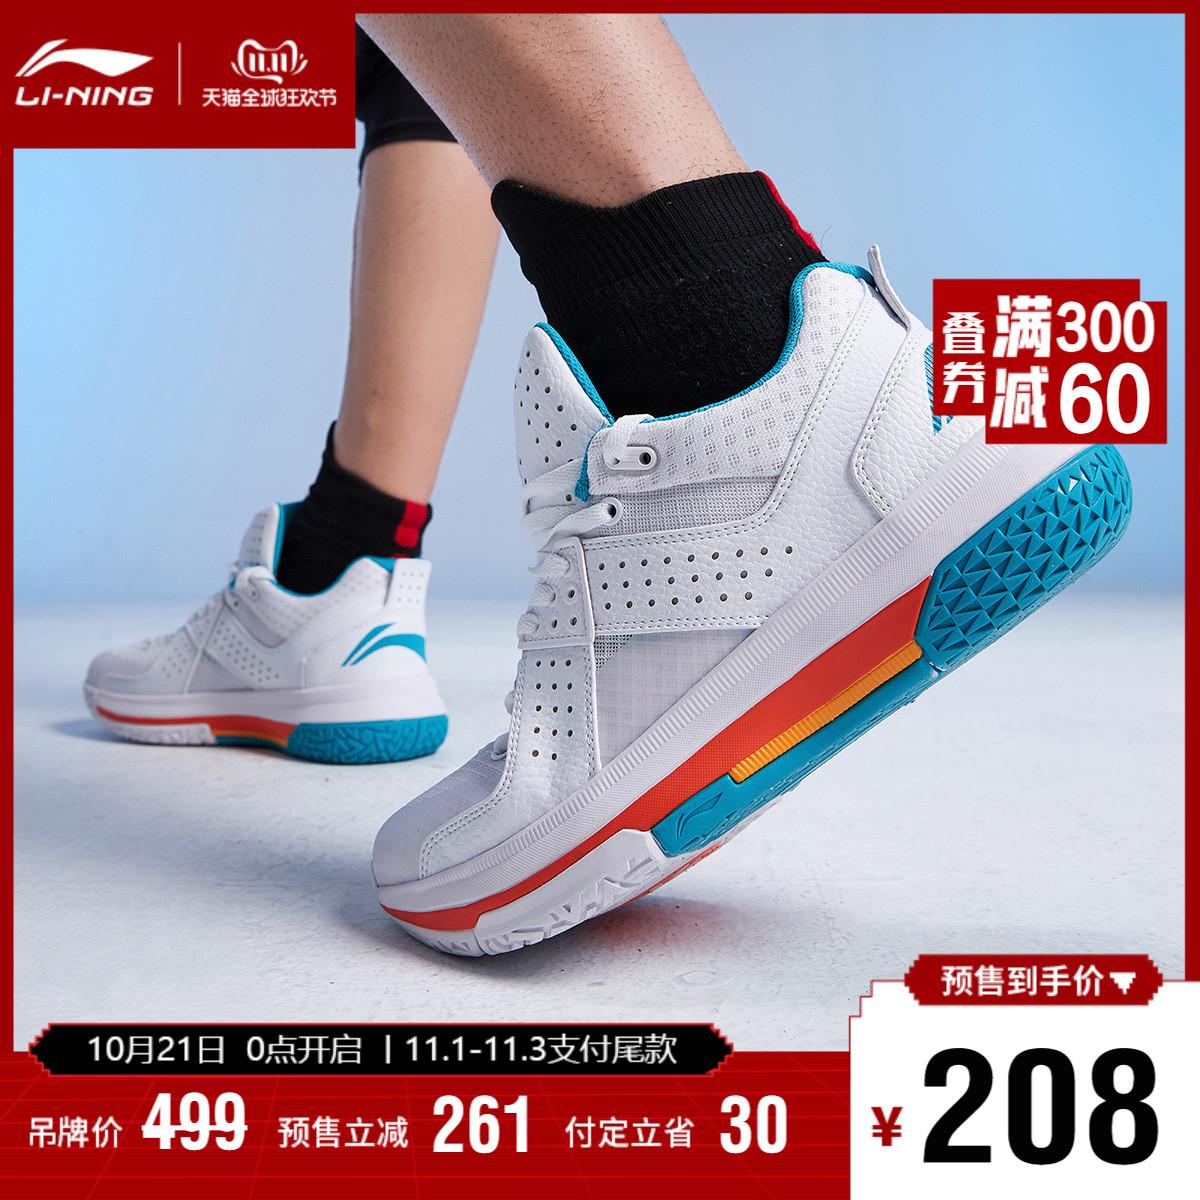 双11预售李宁篮球鞋男鞋官方正品韦德全城5云减震战靴低帮运动鞋